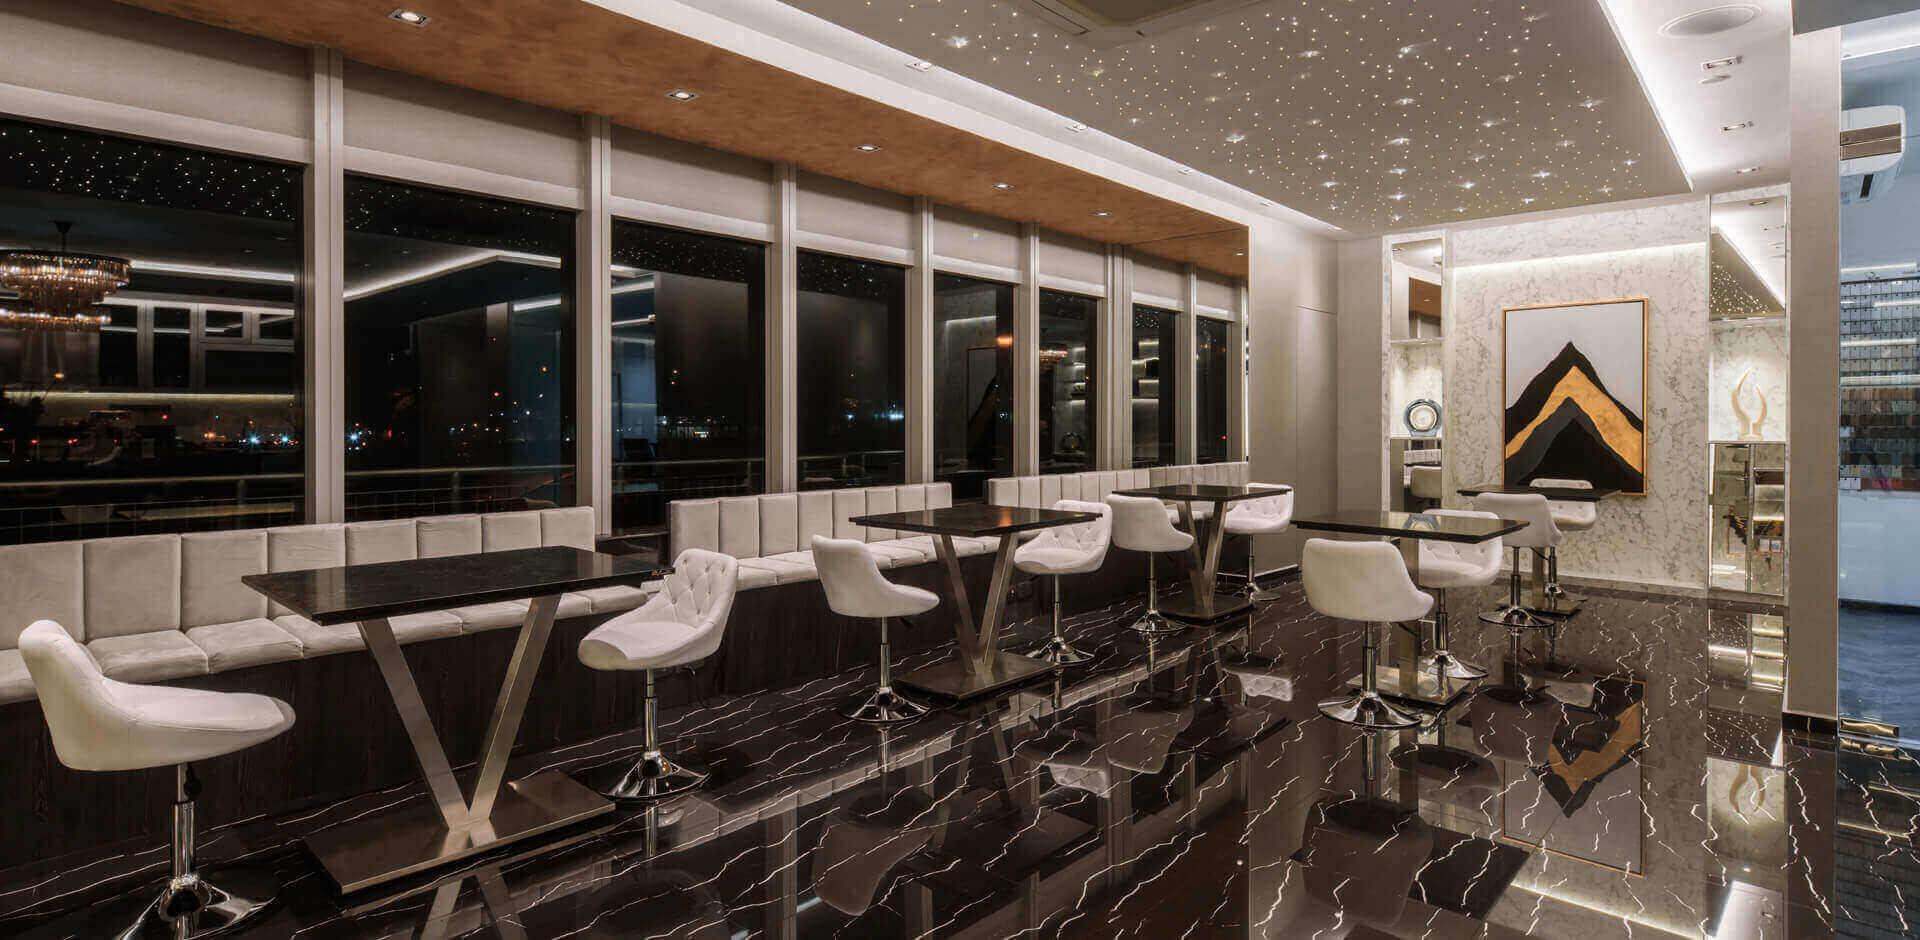 Singapore home interior design company awesome home for Companies that hire interior designers